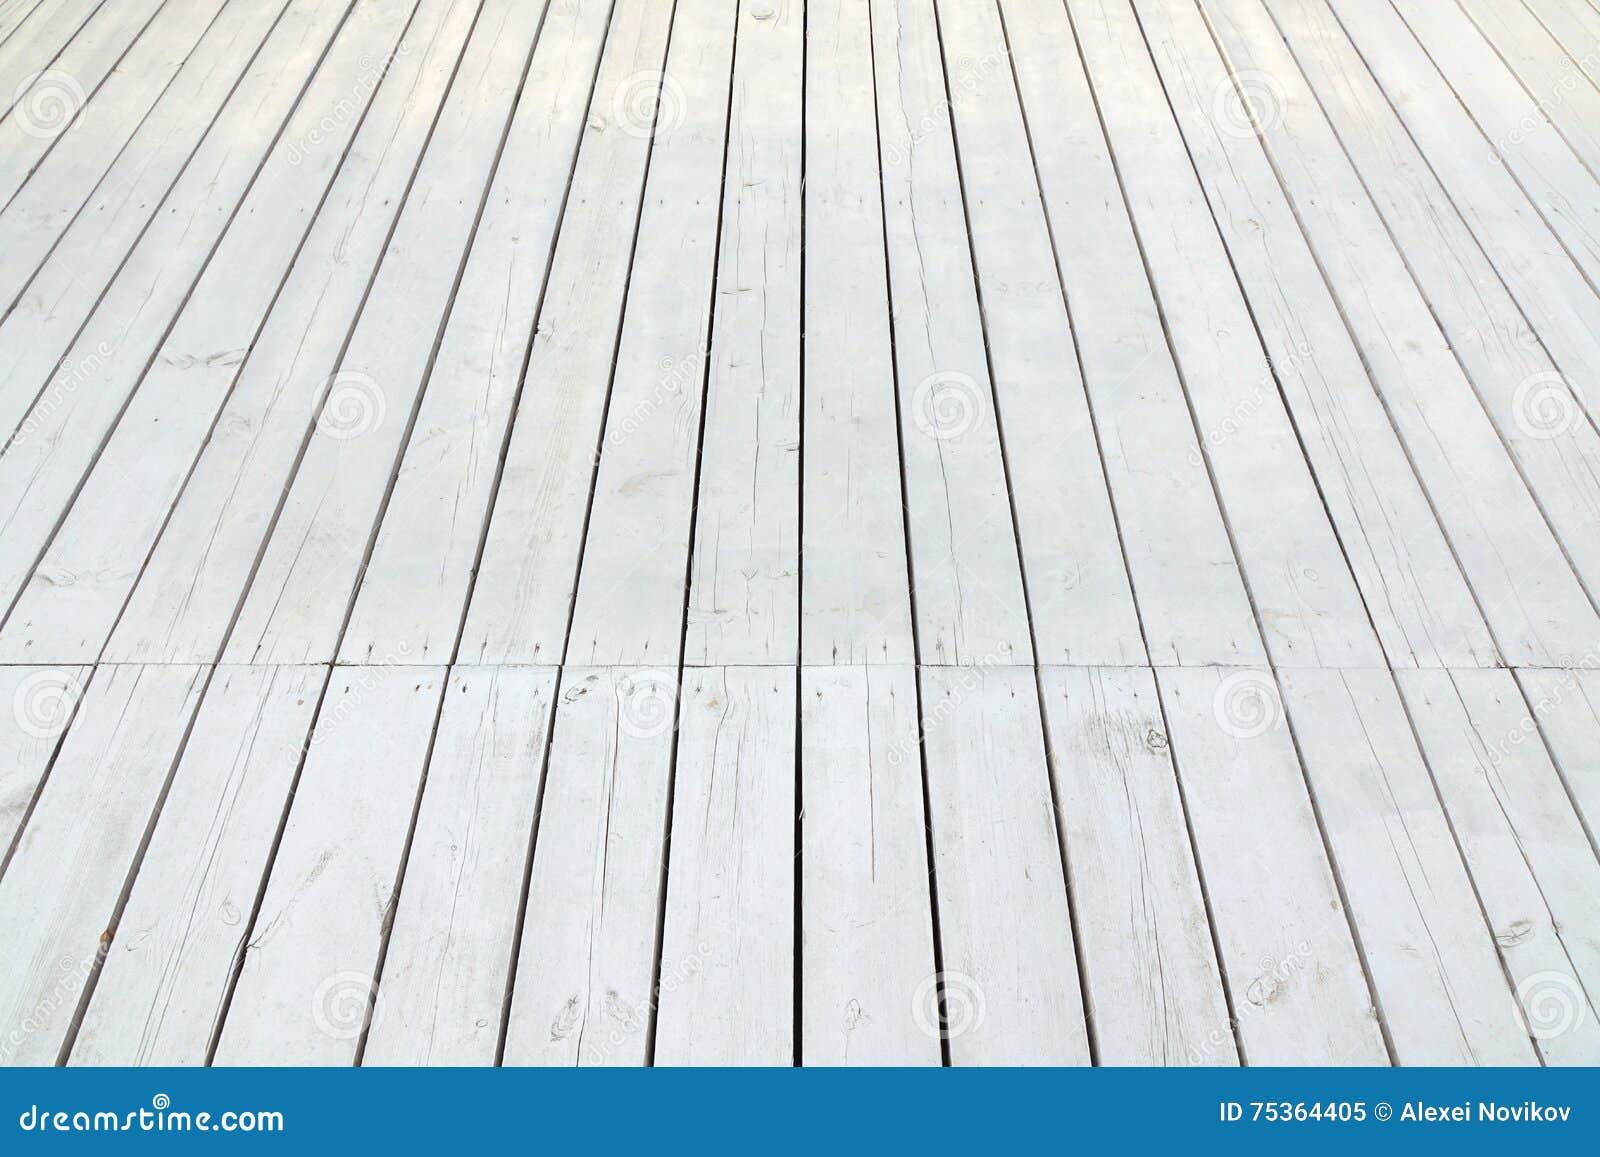 Outdoor Patio Or Veranda White Wooden Floor In Perspective View